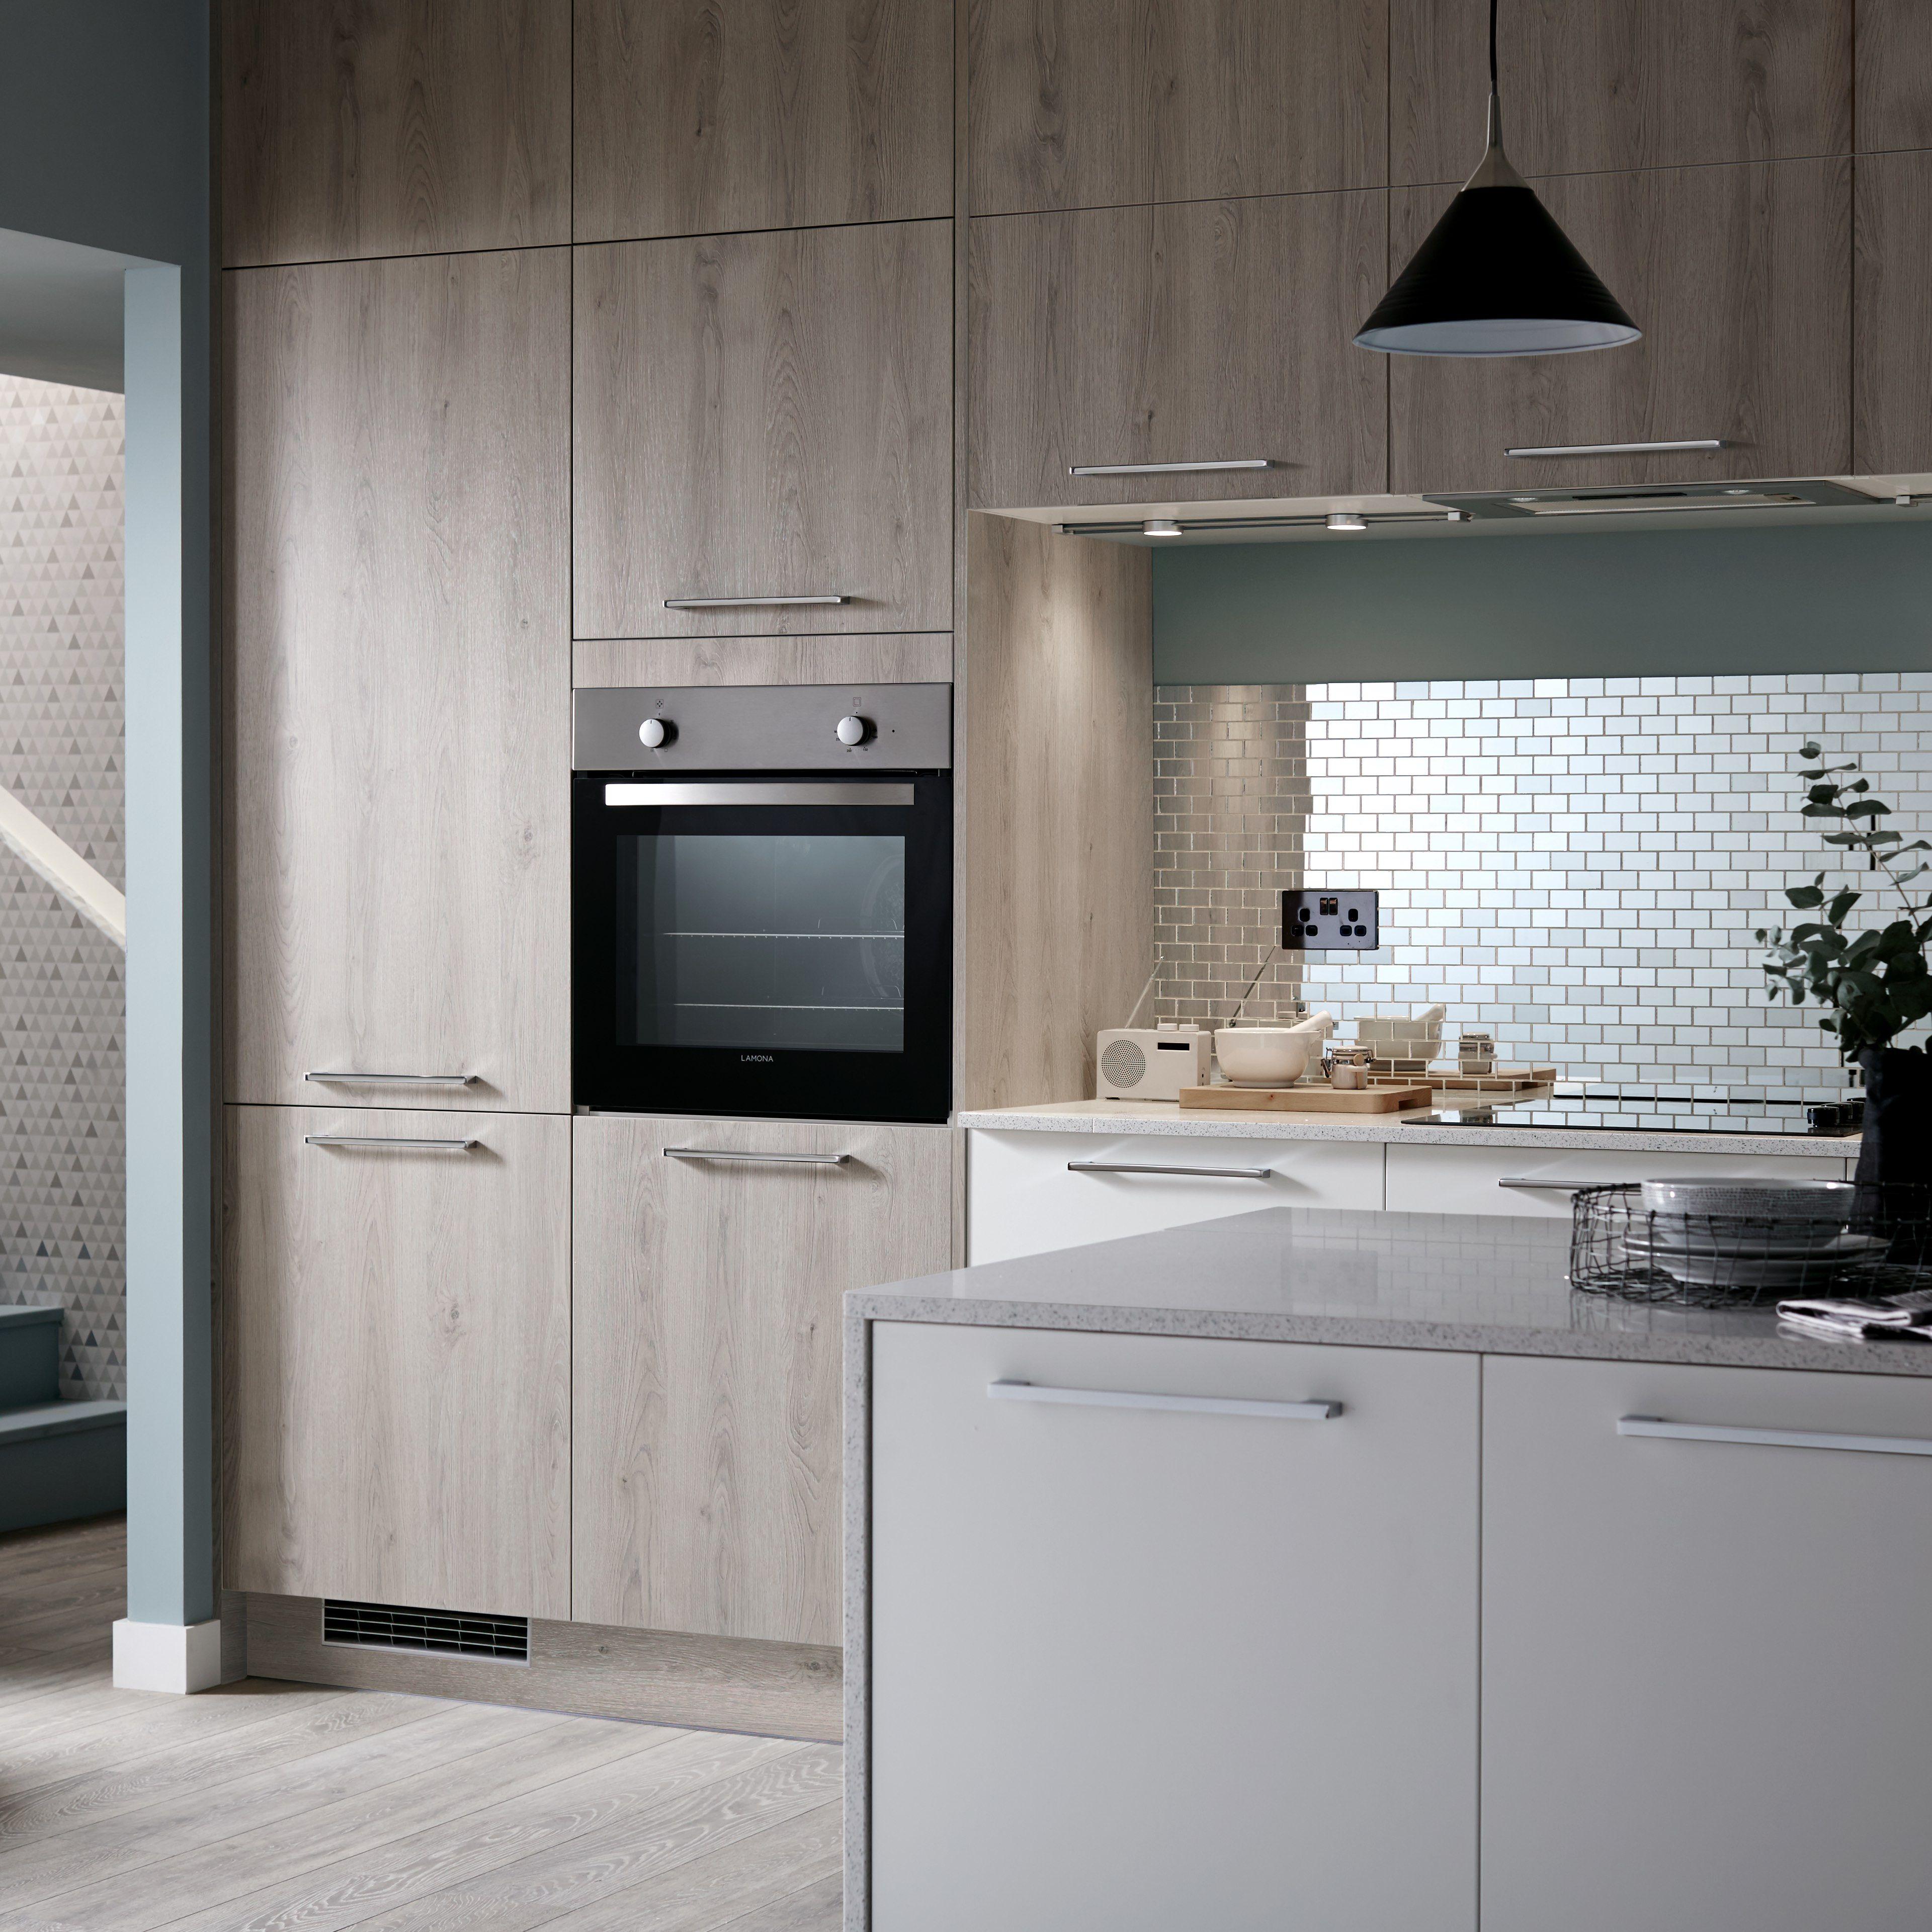 Howdens Modern kitchen, White modern kitchen, Howdens